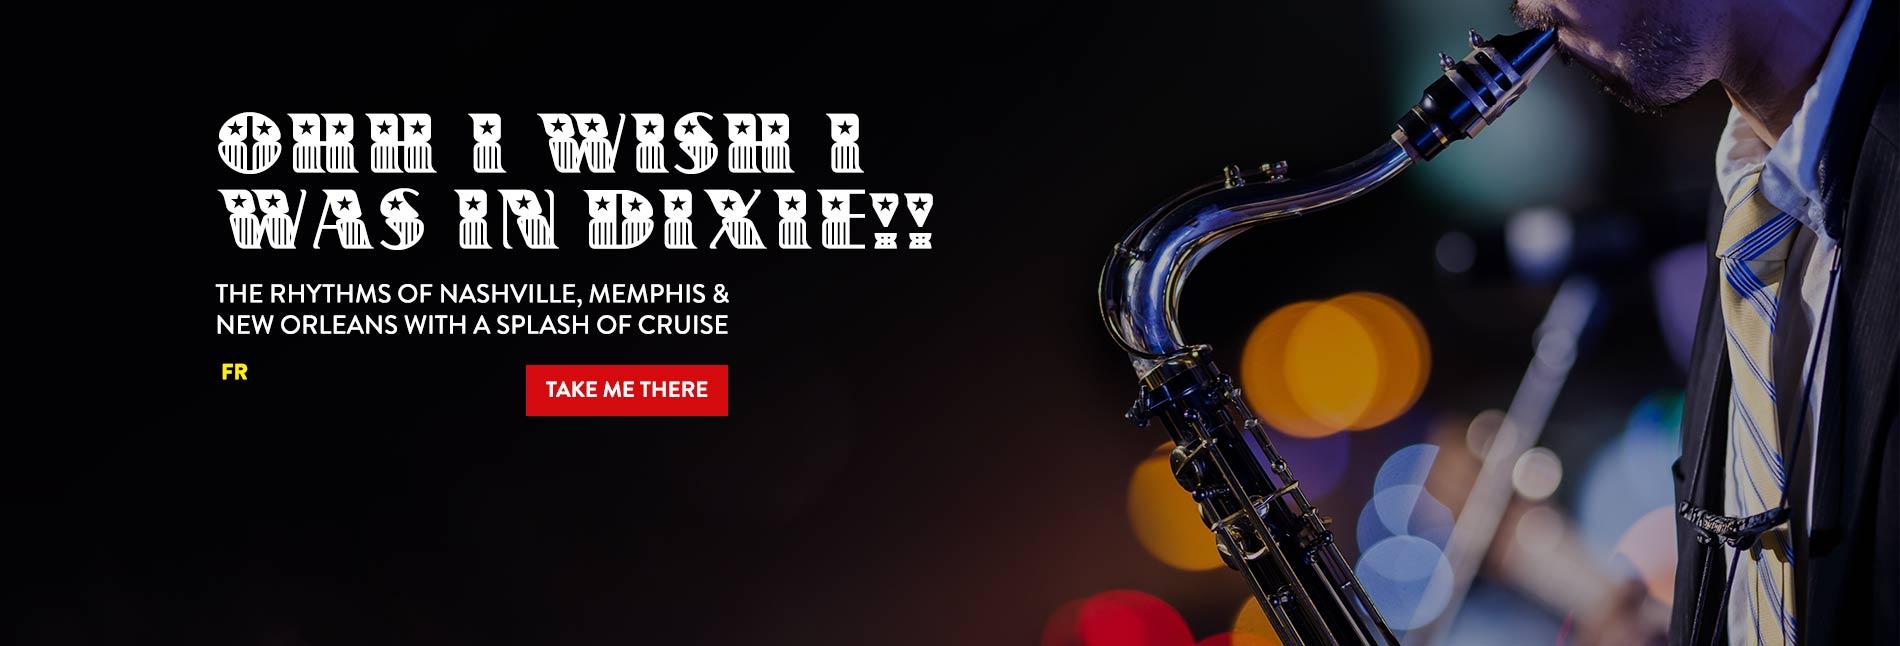 Nashvile, Memphis & New Orleans Cruise Deals